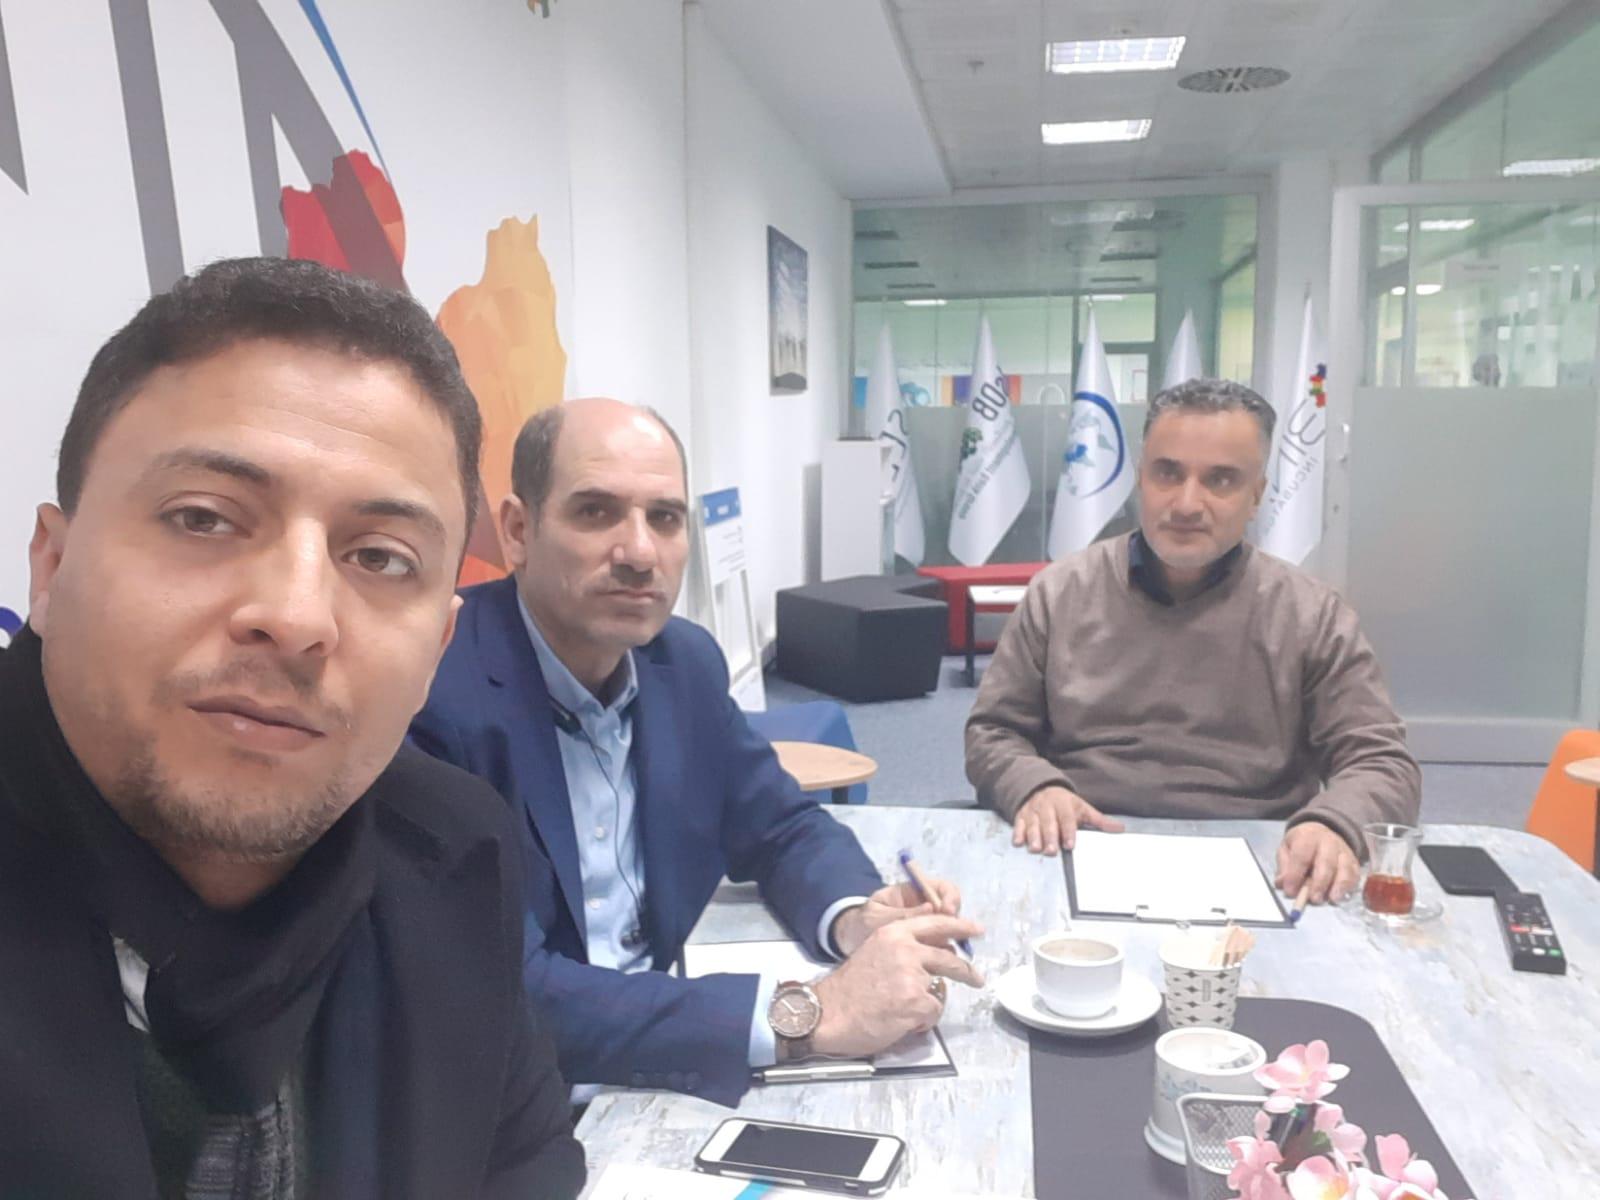 لقاء يجمع مدير برنامج بناء مع رئيس قسم الاقتصاد الاسلامي في جامعة صباح الدين الزعيم